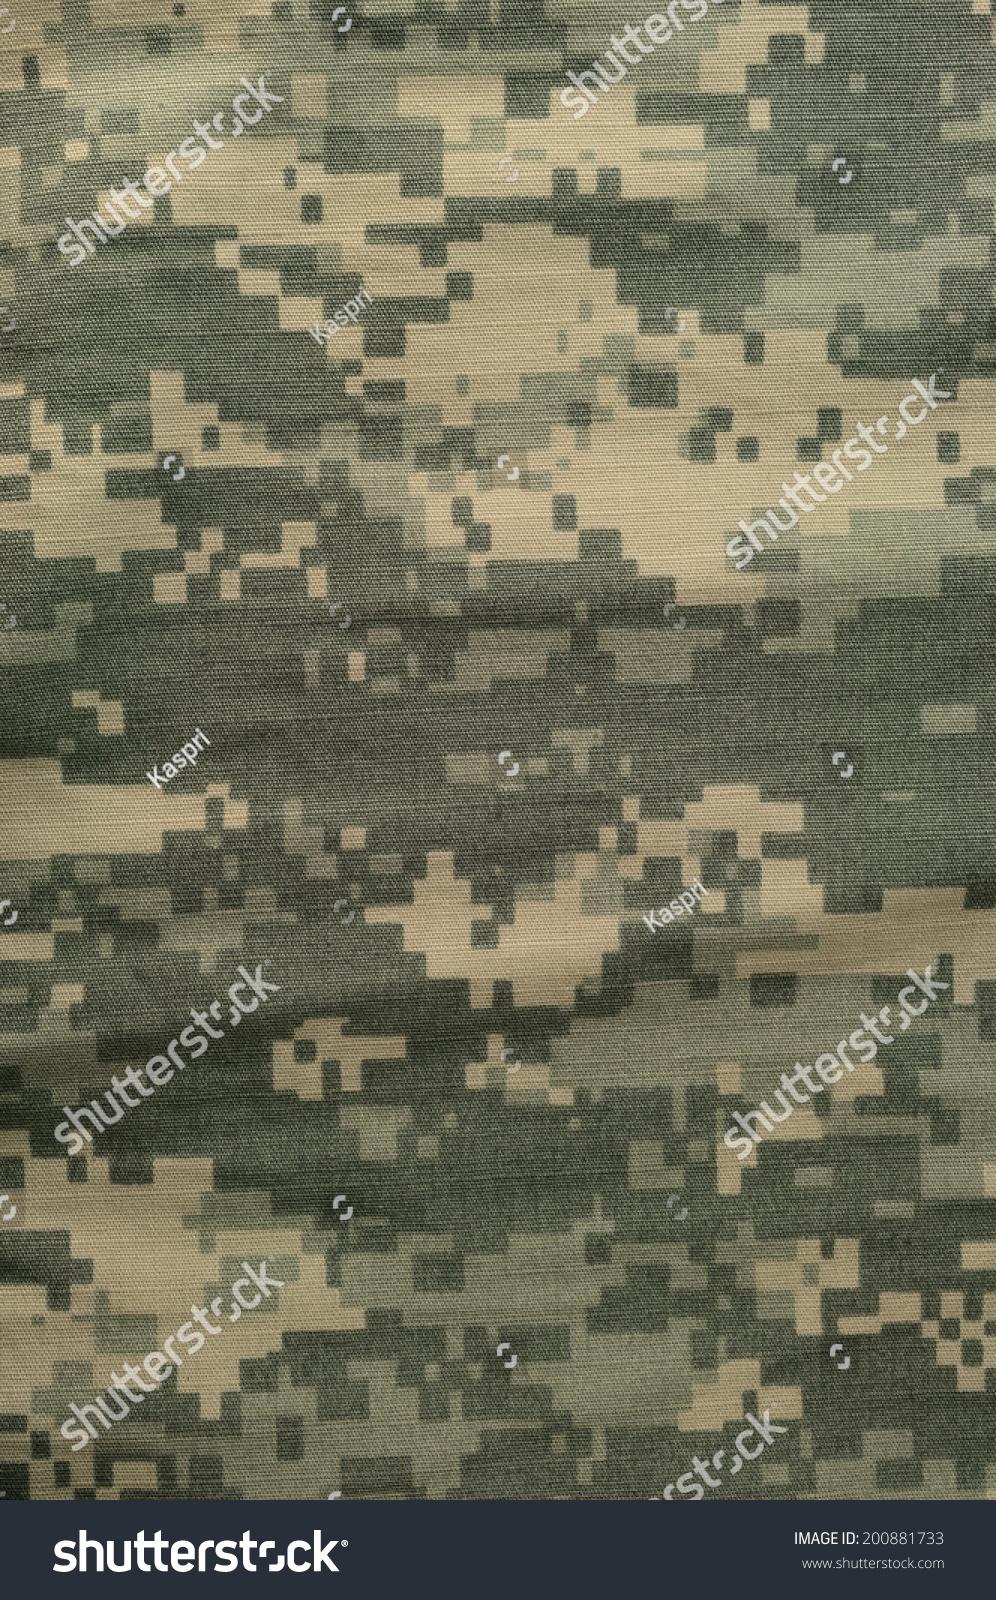 Army Digi Camo Wallpaper